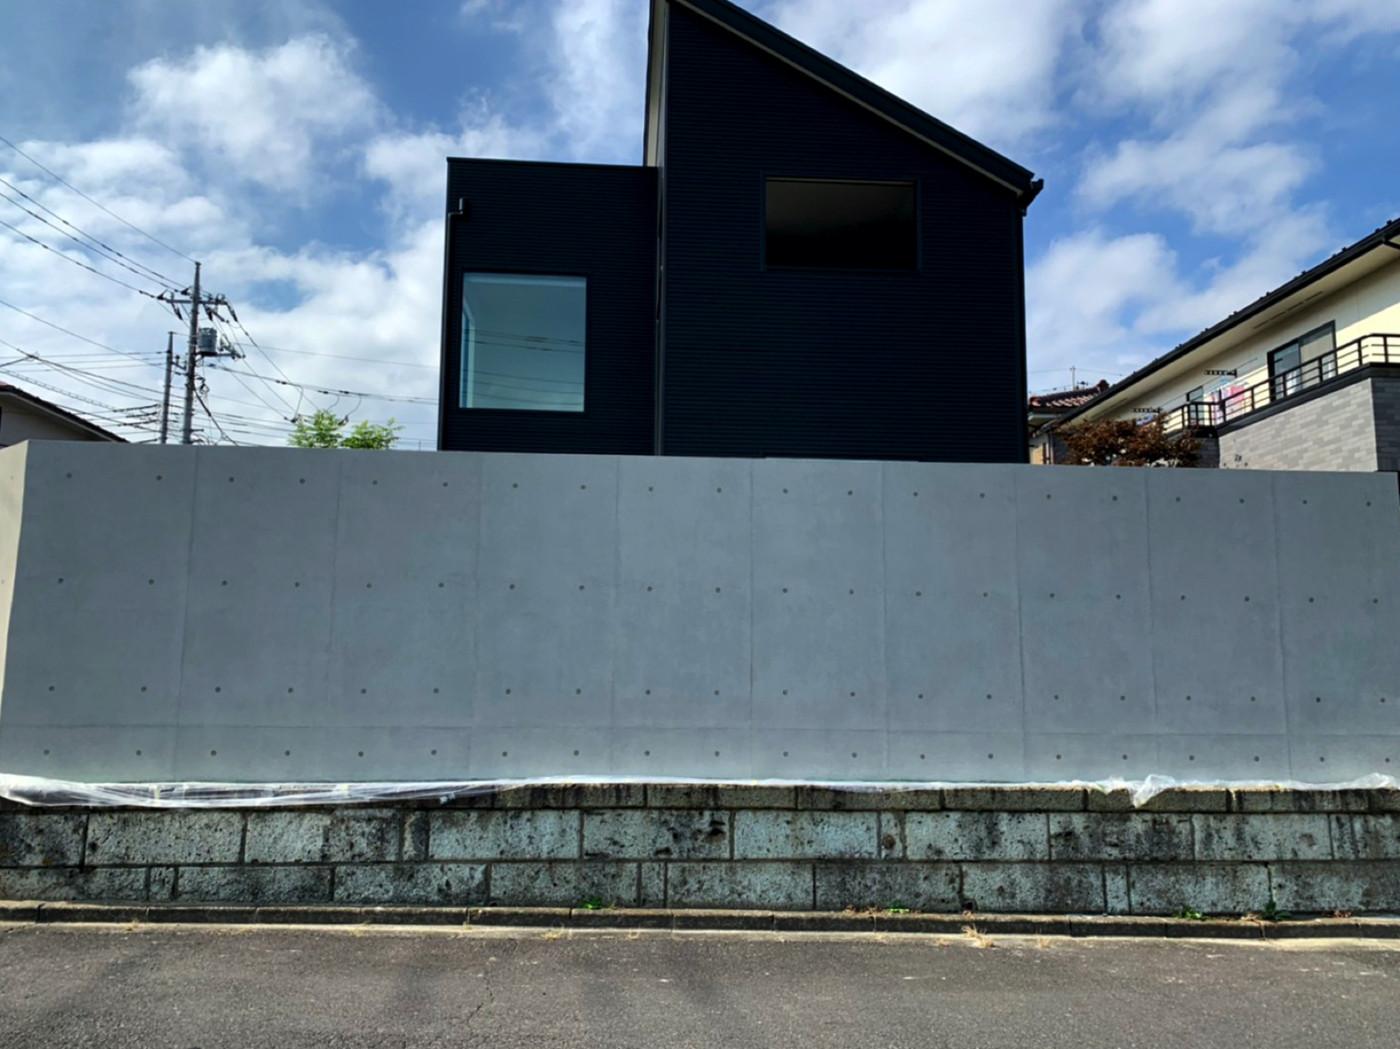 神奈川県 アートフリーダム株式会社 グランドアートウォール施工イメージ1880_04